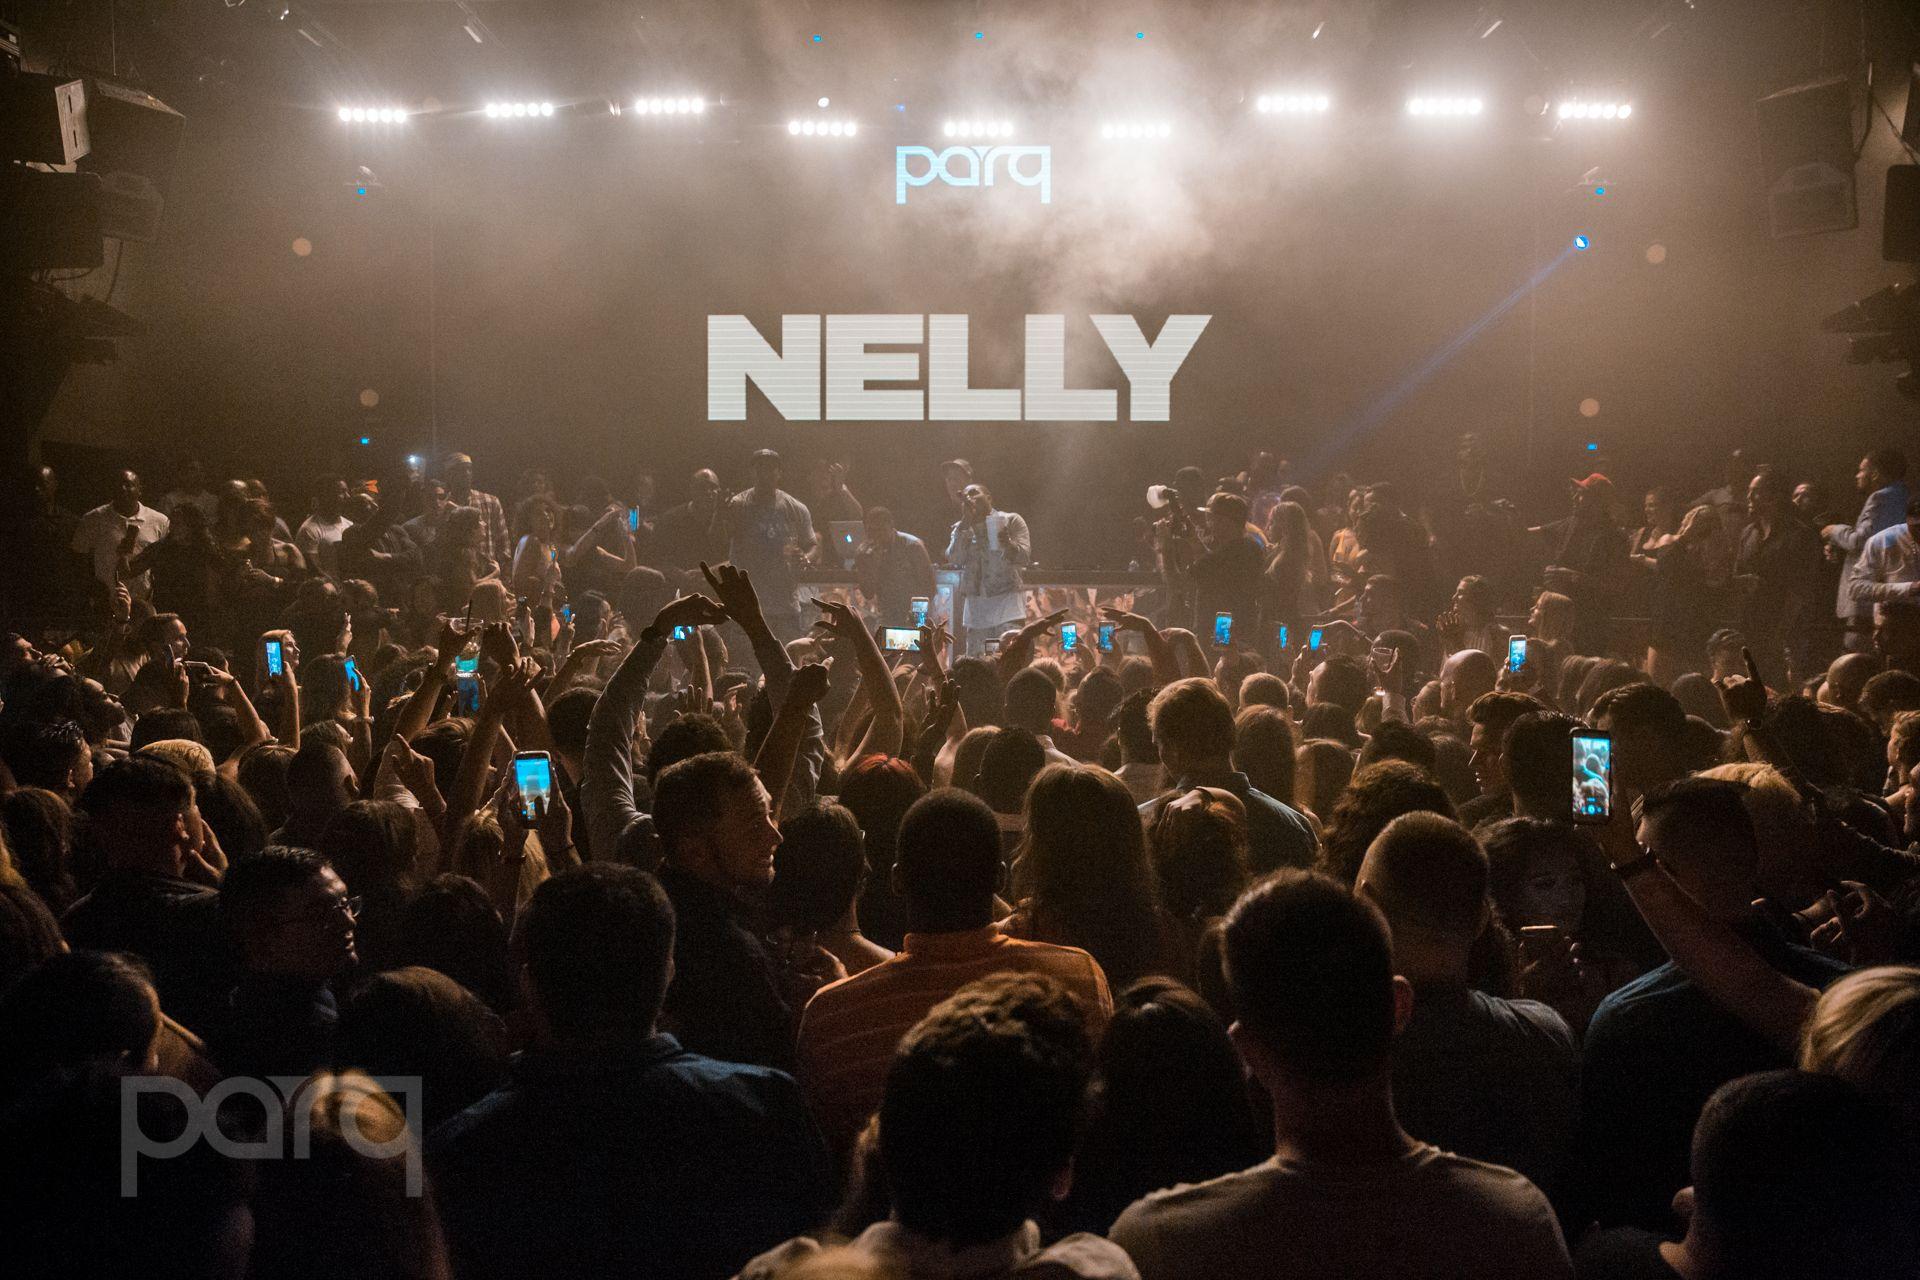 09.09.17 Parq - Nelly-45.jpg